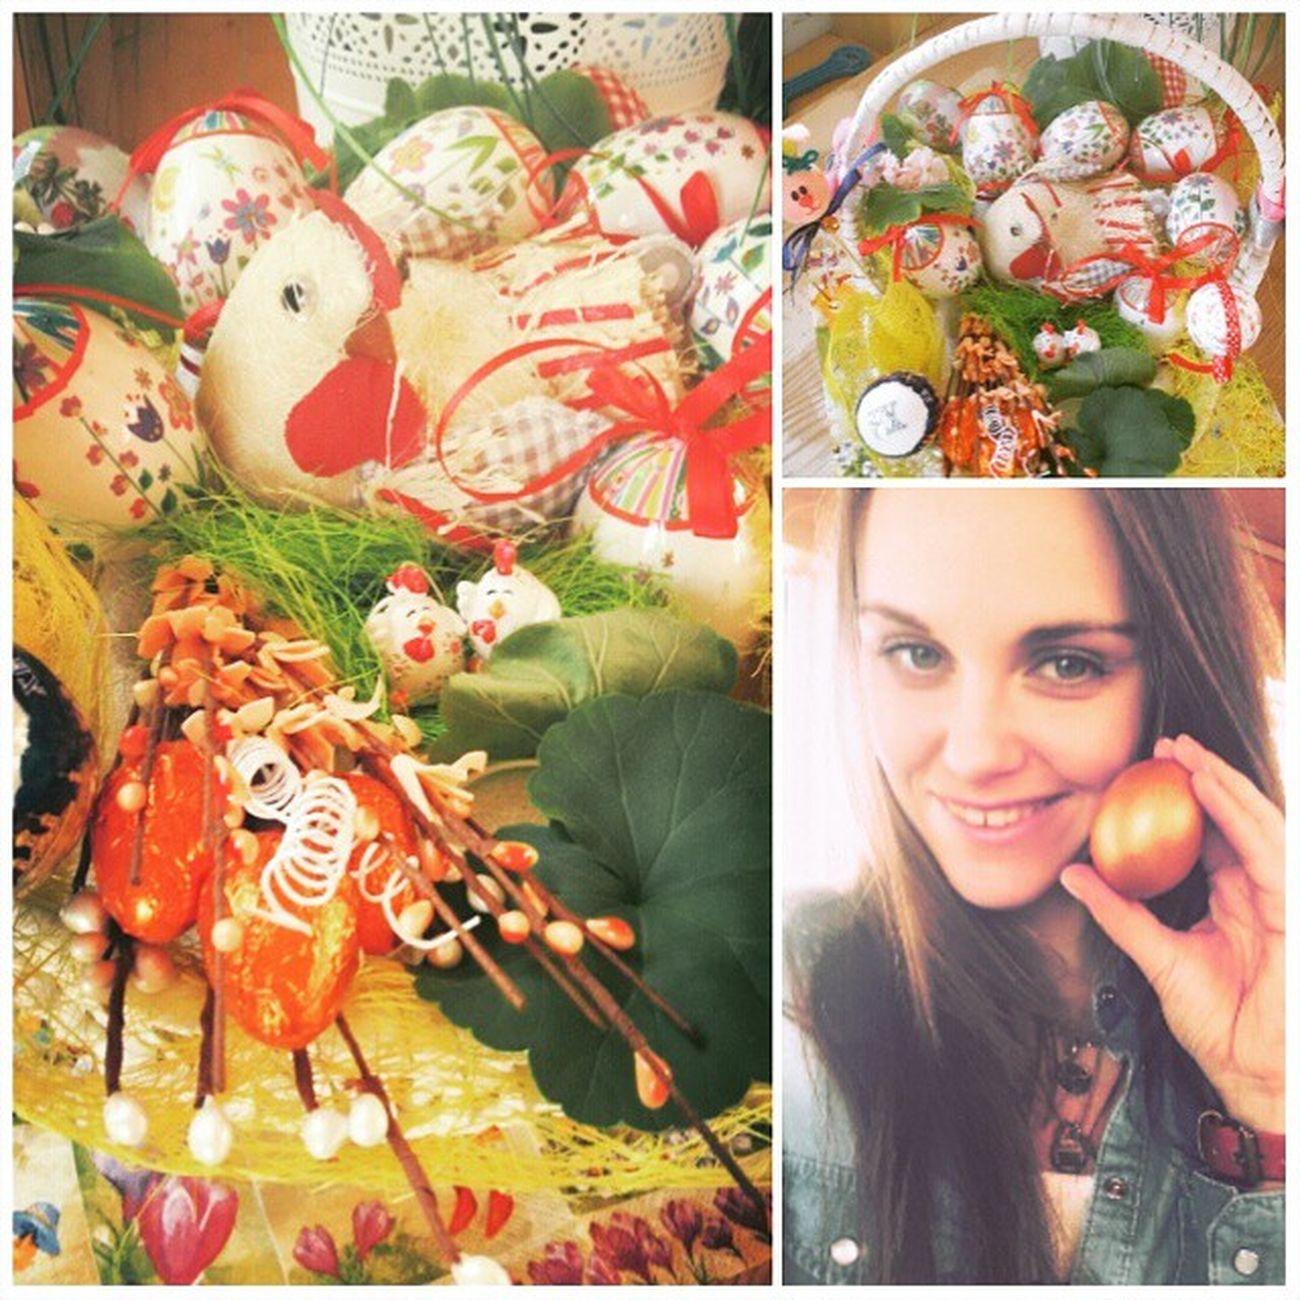 Со светлым праздником Пасхой!!😊🐥🐤🐣пасха яйца светлыйпраздник семейныйпраздник веснаlove heart promise forever